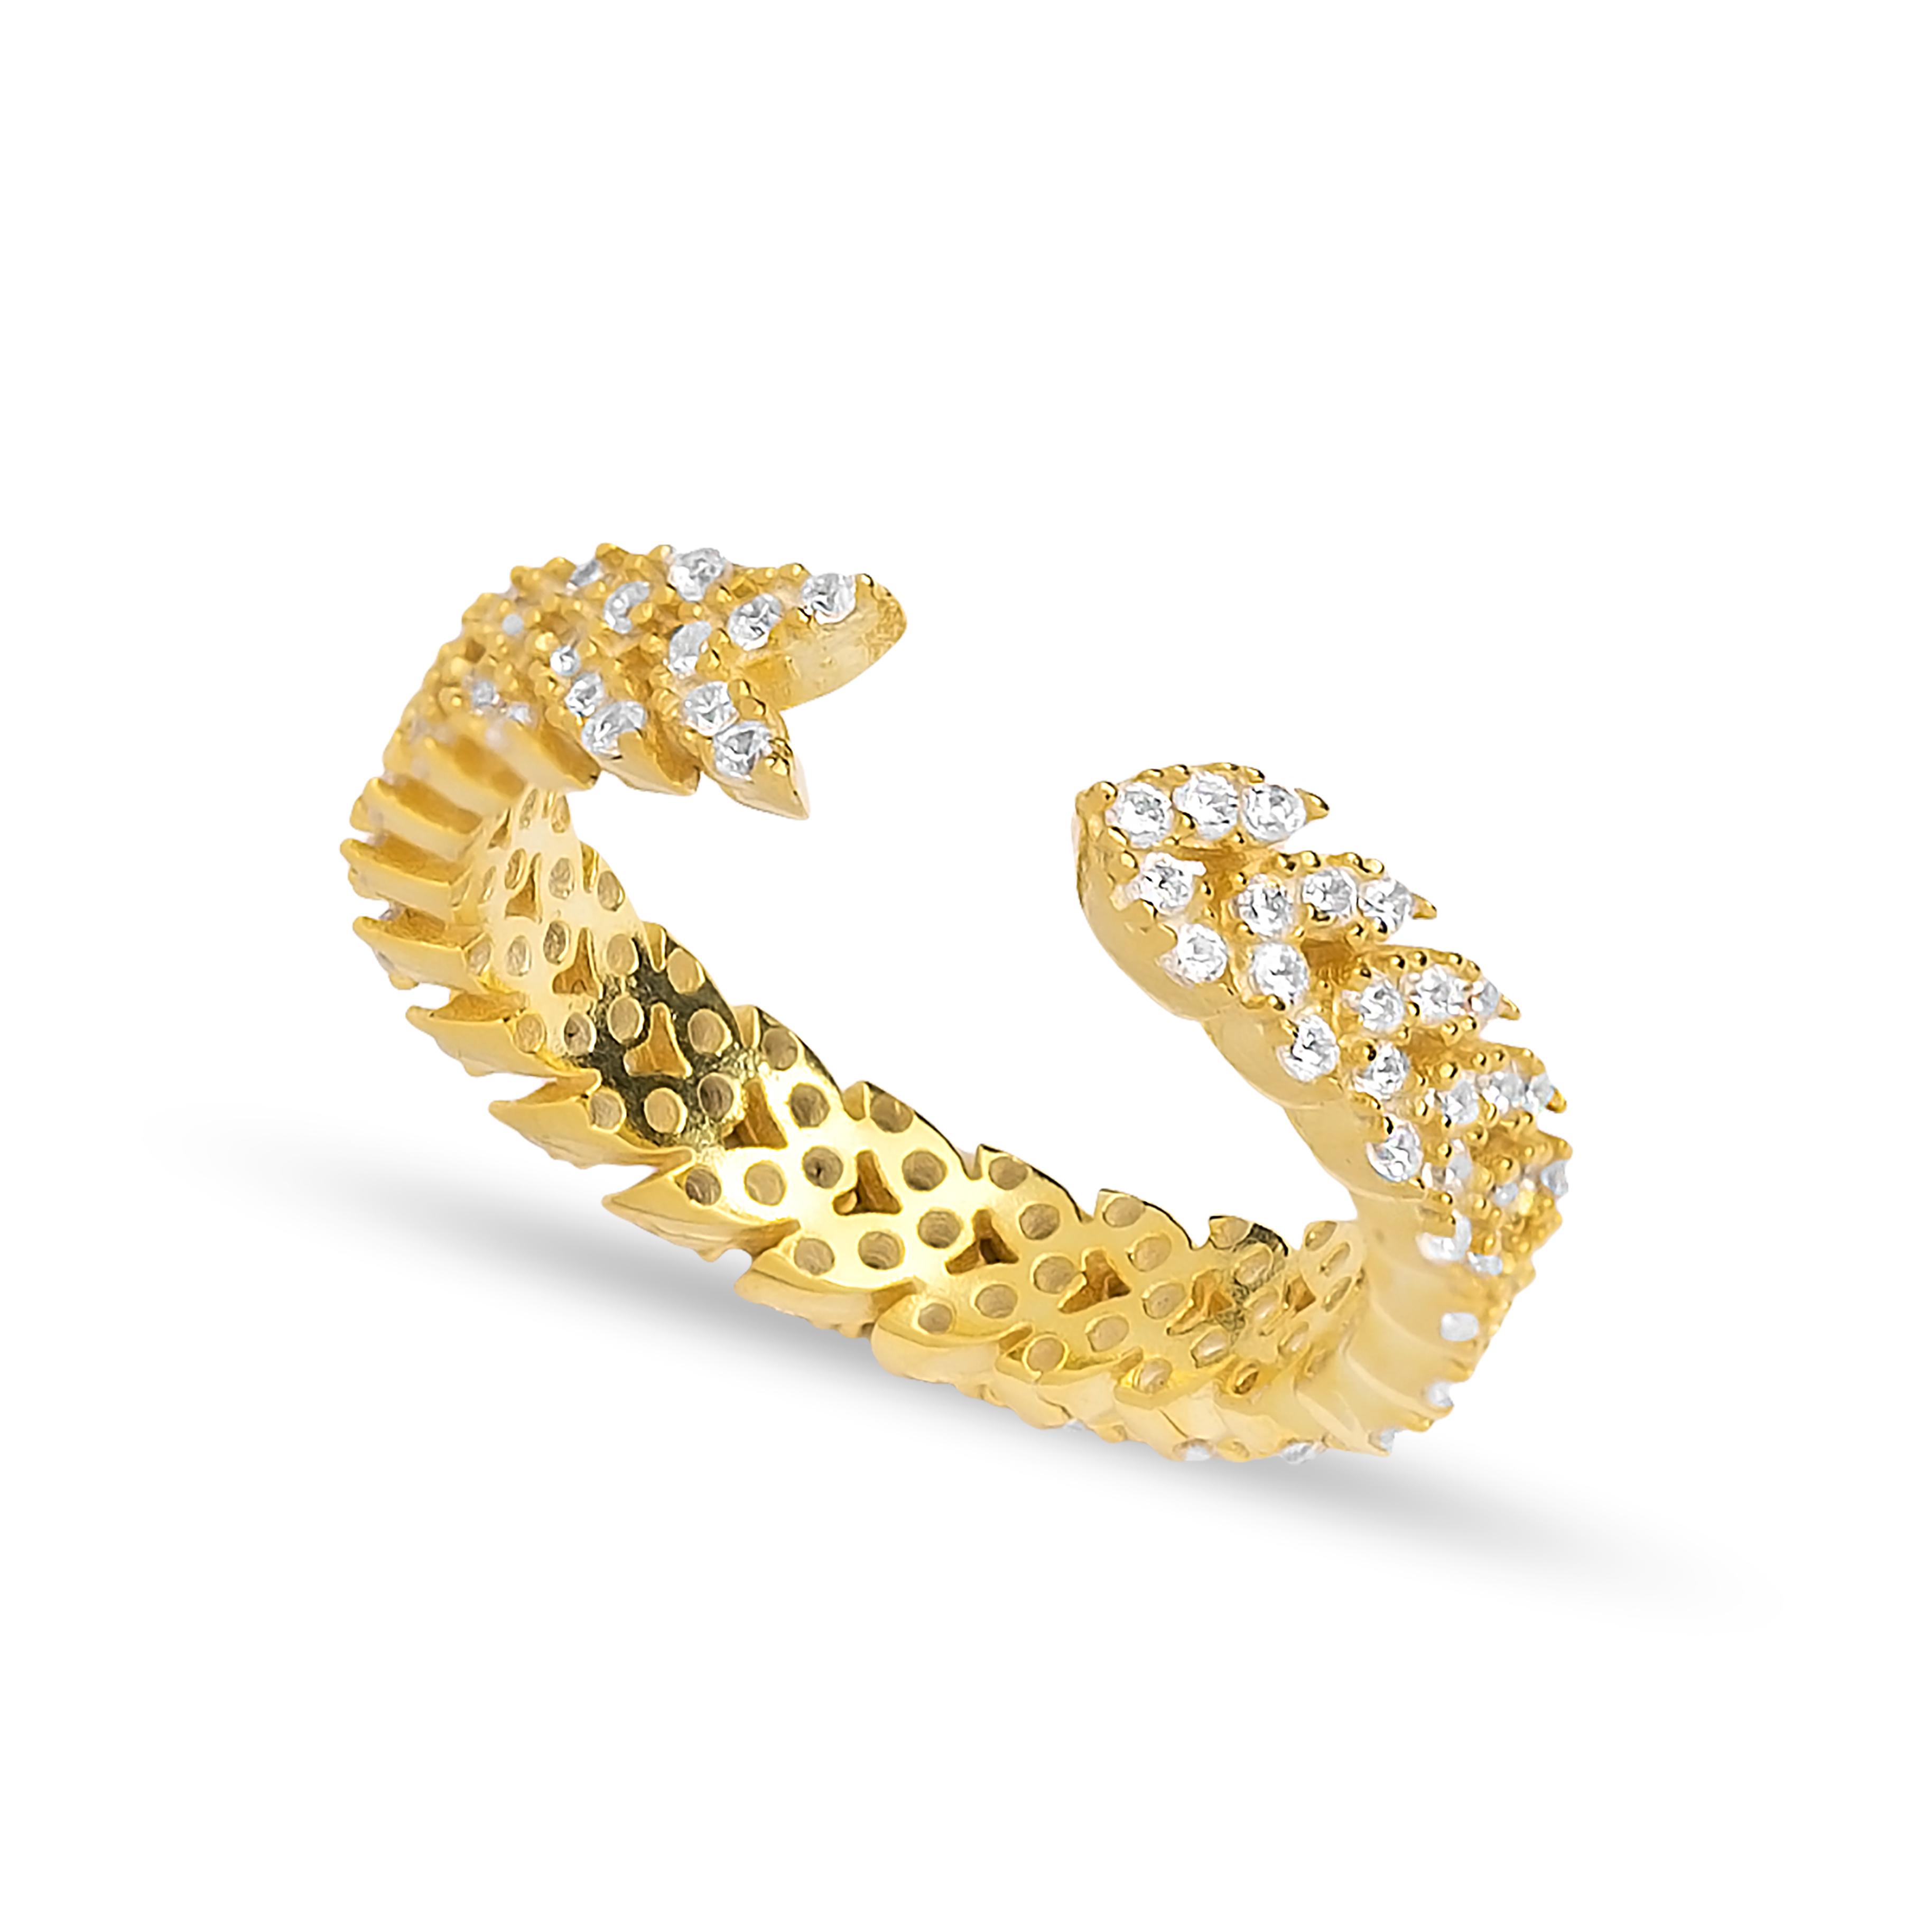 94YS Ring